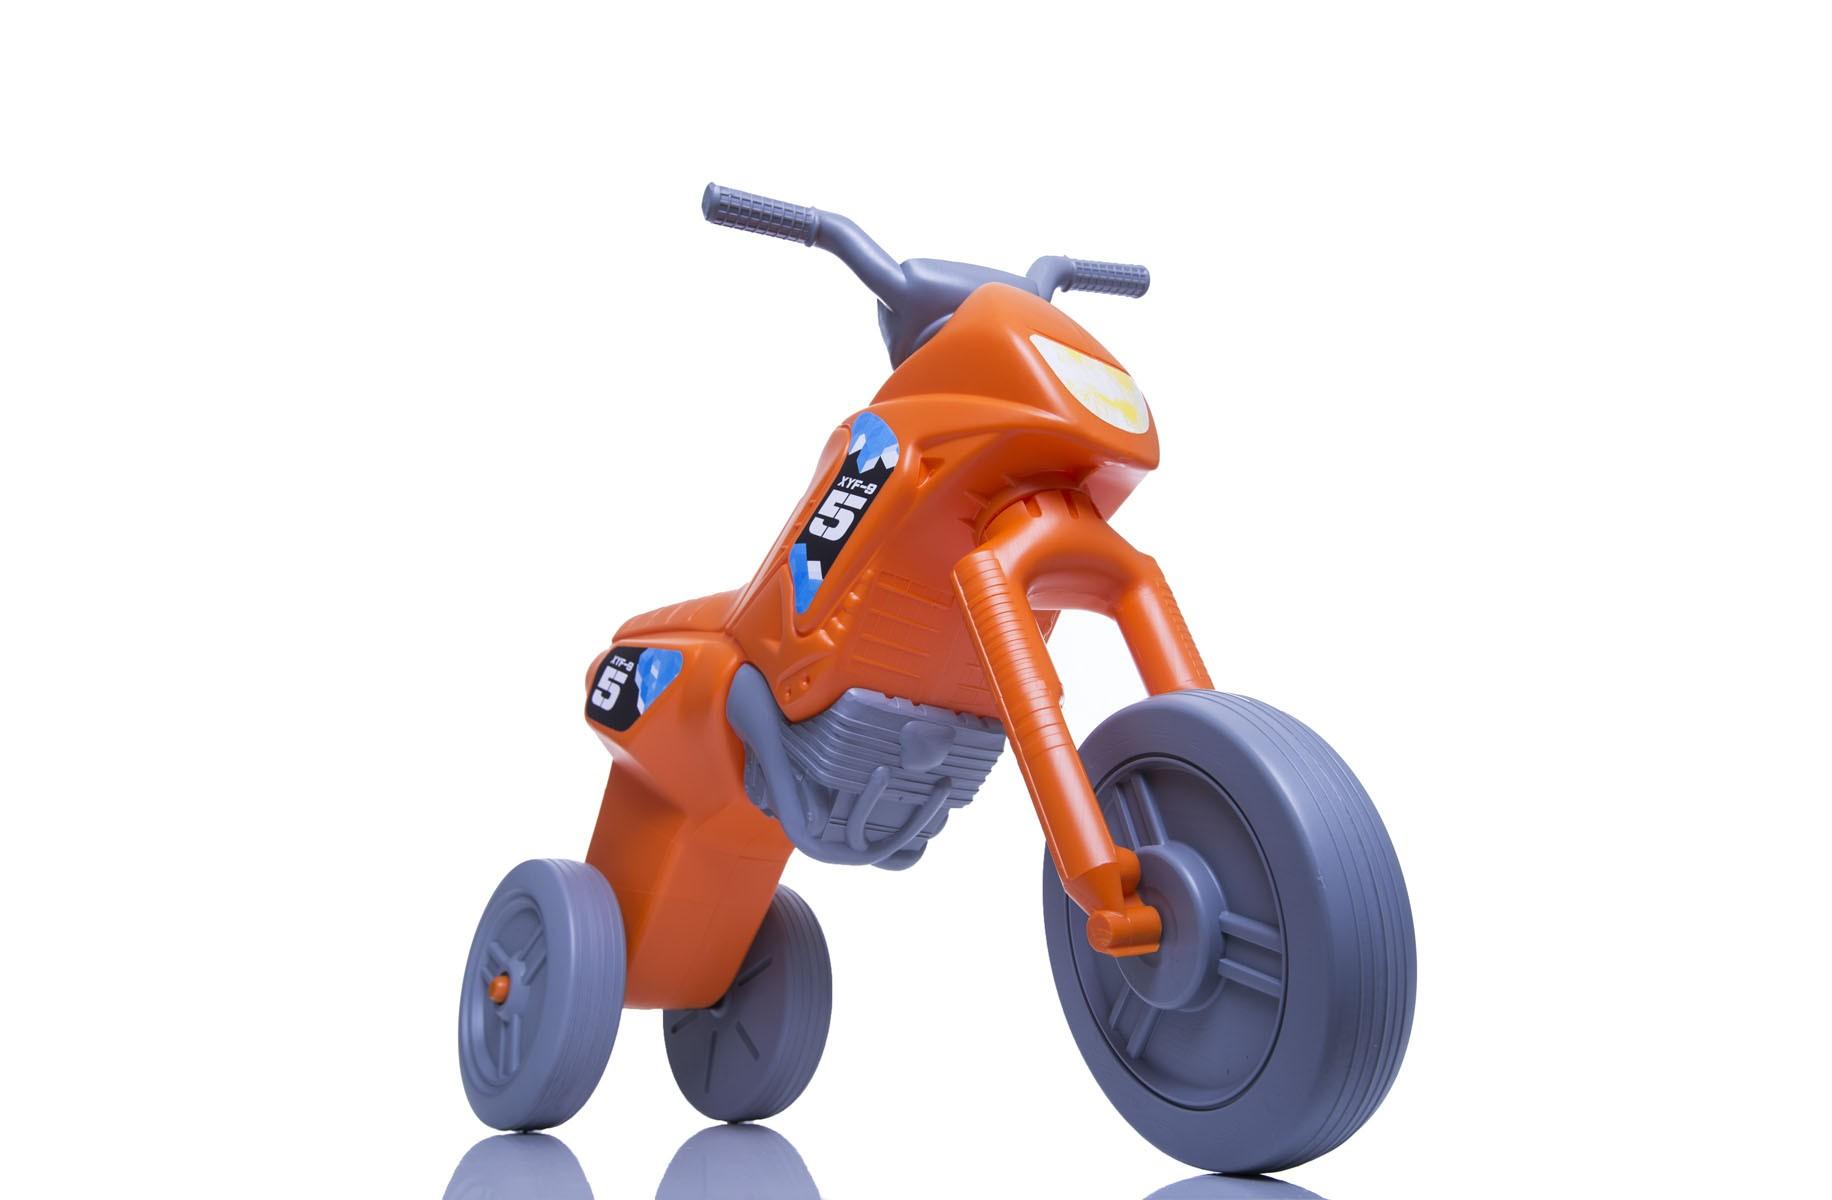 768c50703 Enduro MotoKidZ Detské odrážadlo - motorka MINI - oranžovo-šedá -  Najhracky.sk